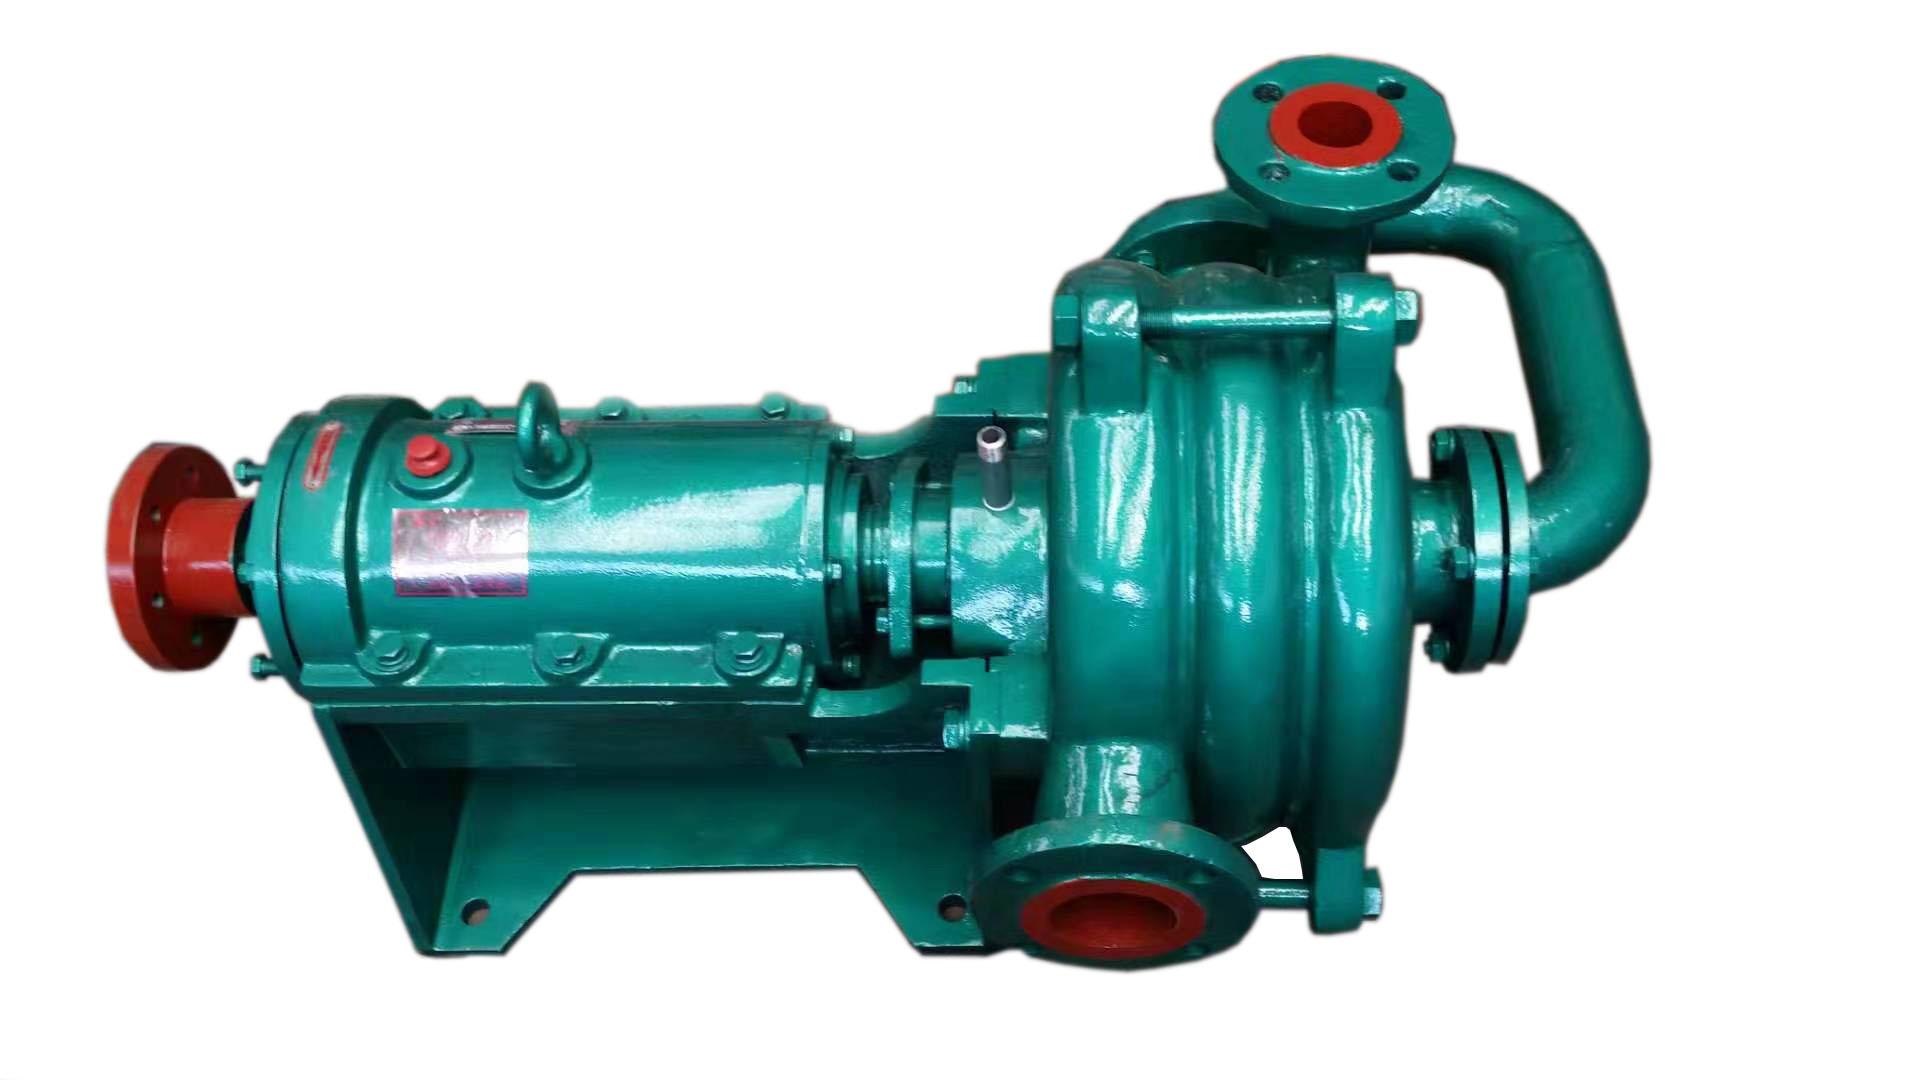 壓濾機專用泵應如何維護保養